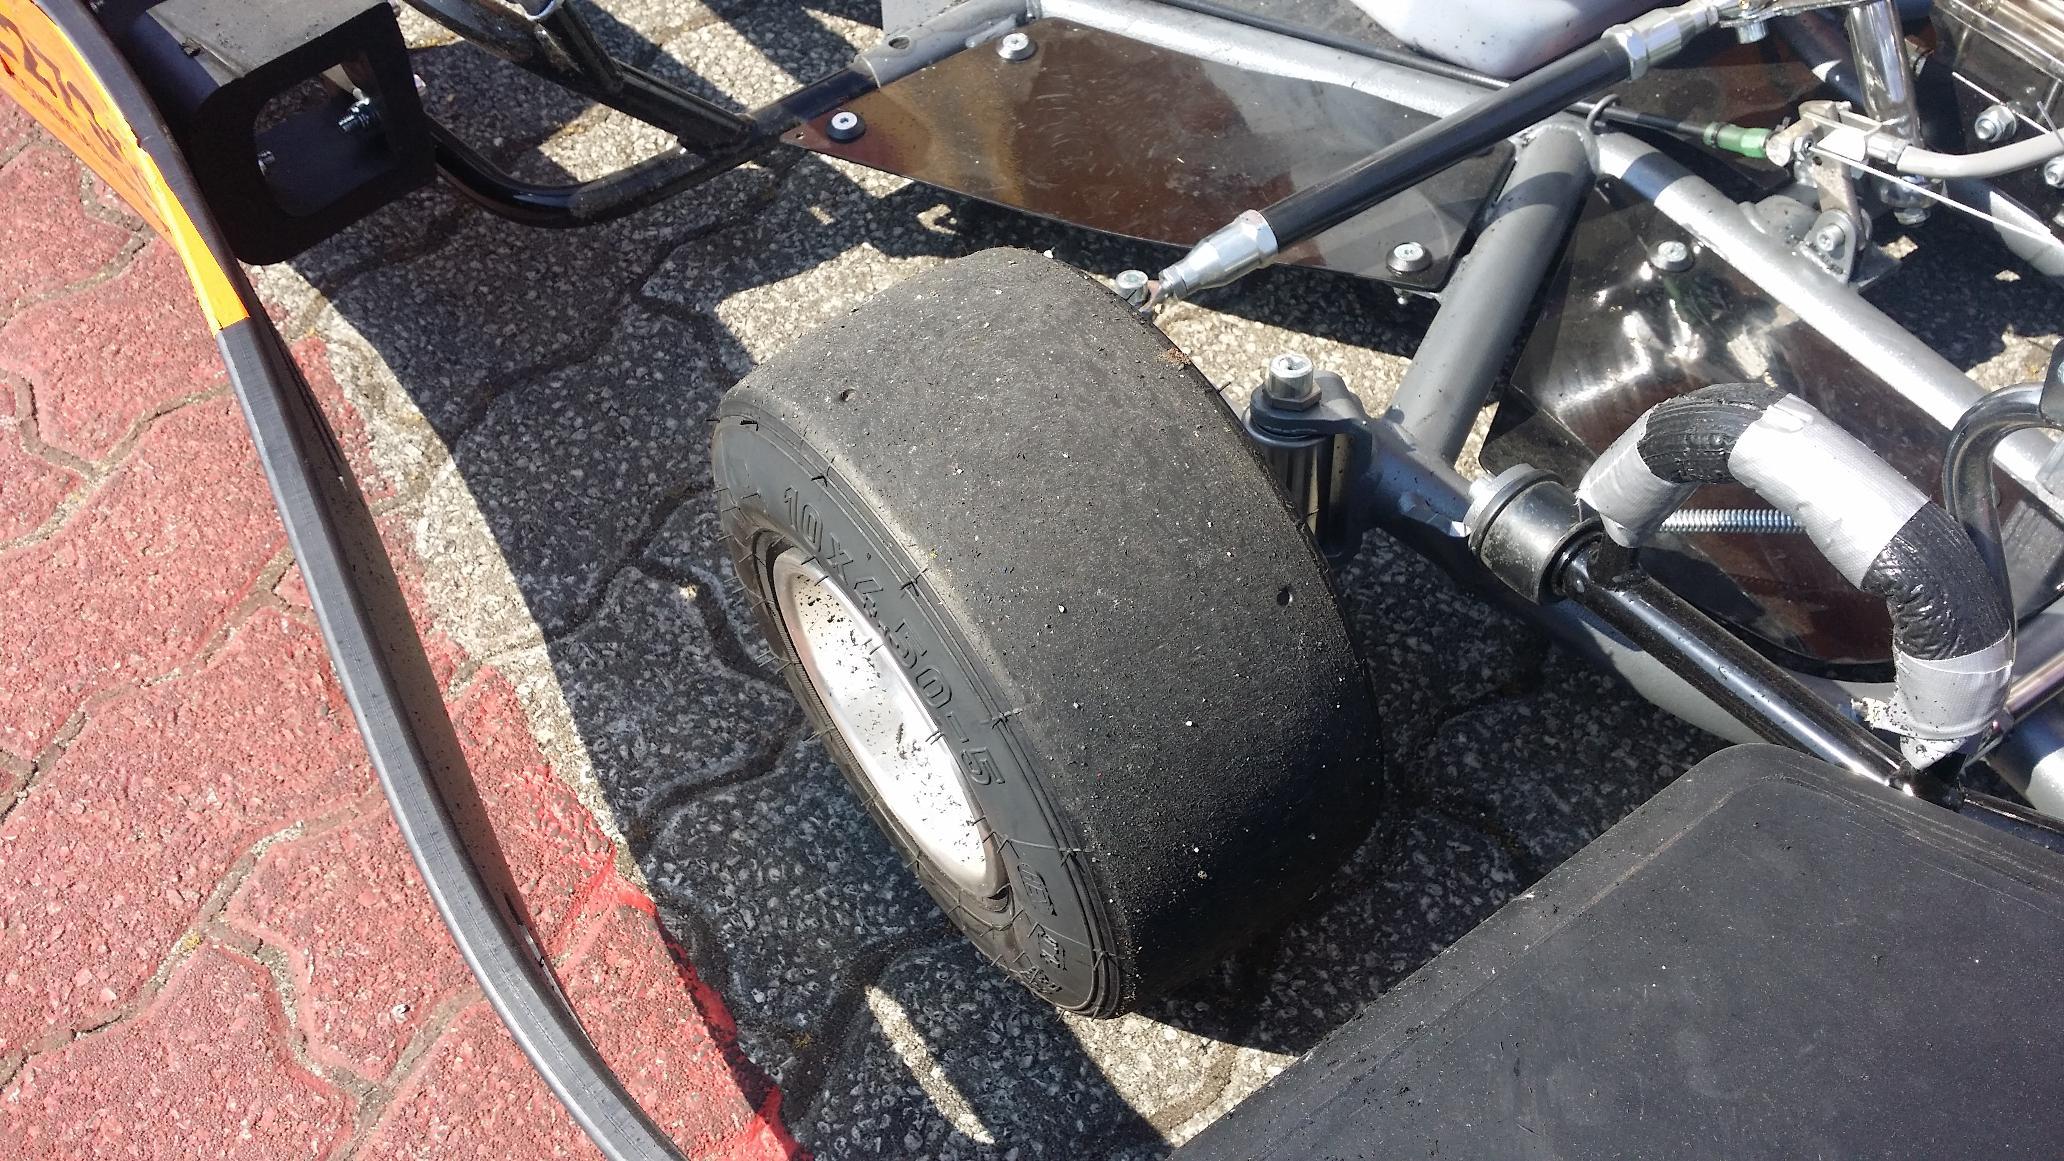 No final os karts e os pneus ficaram assim7